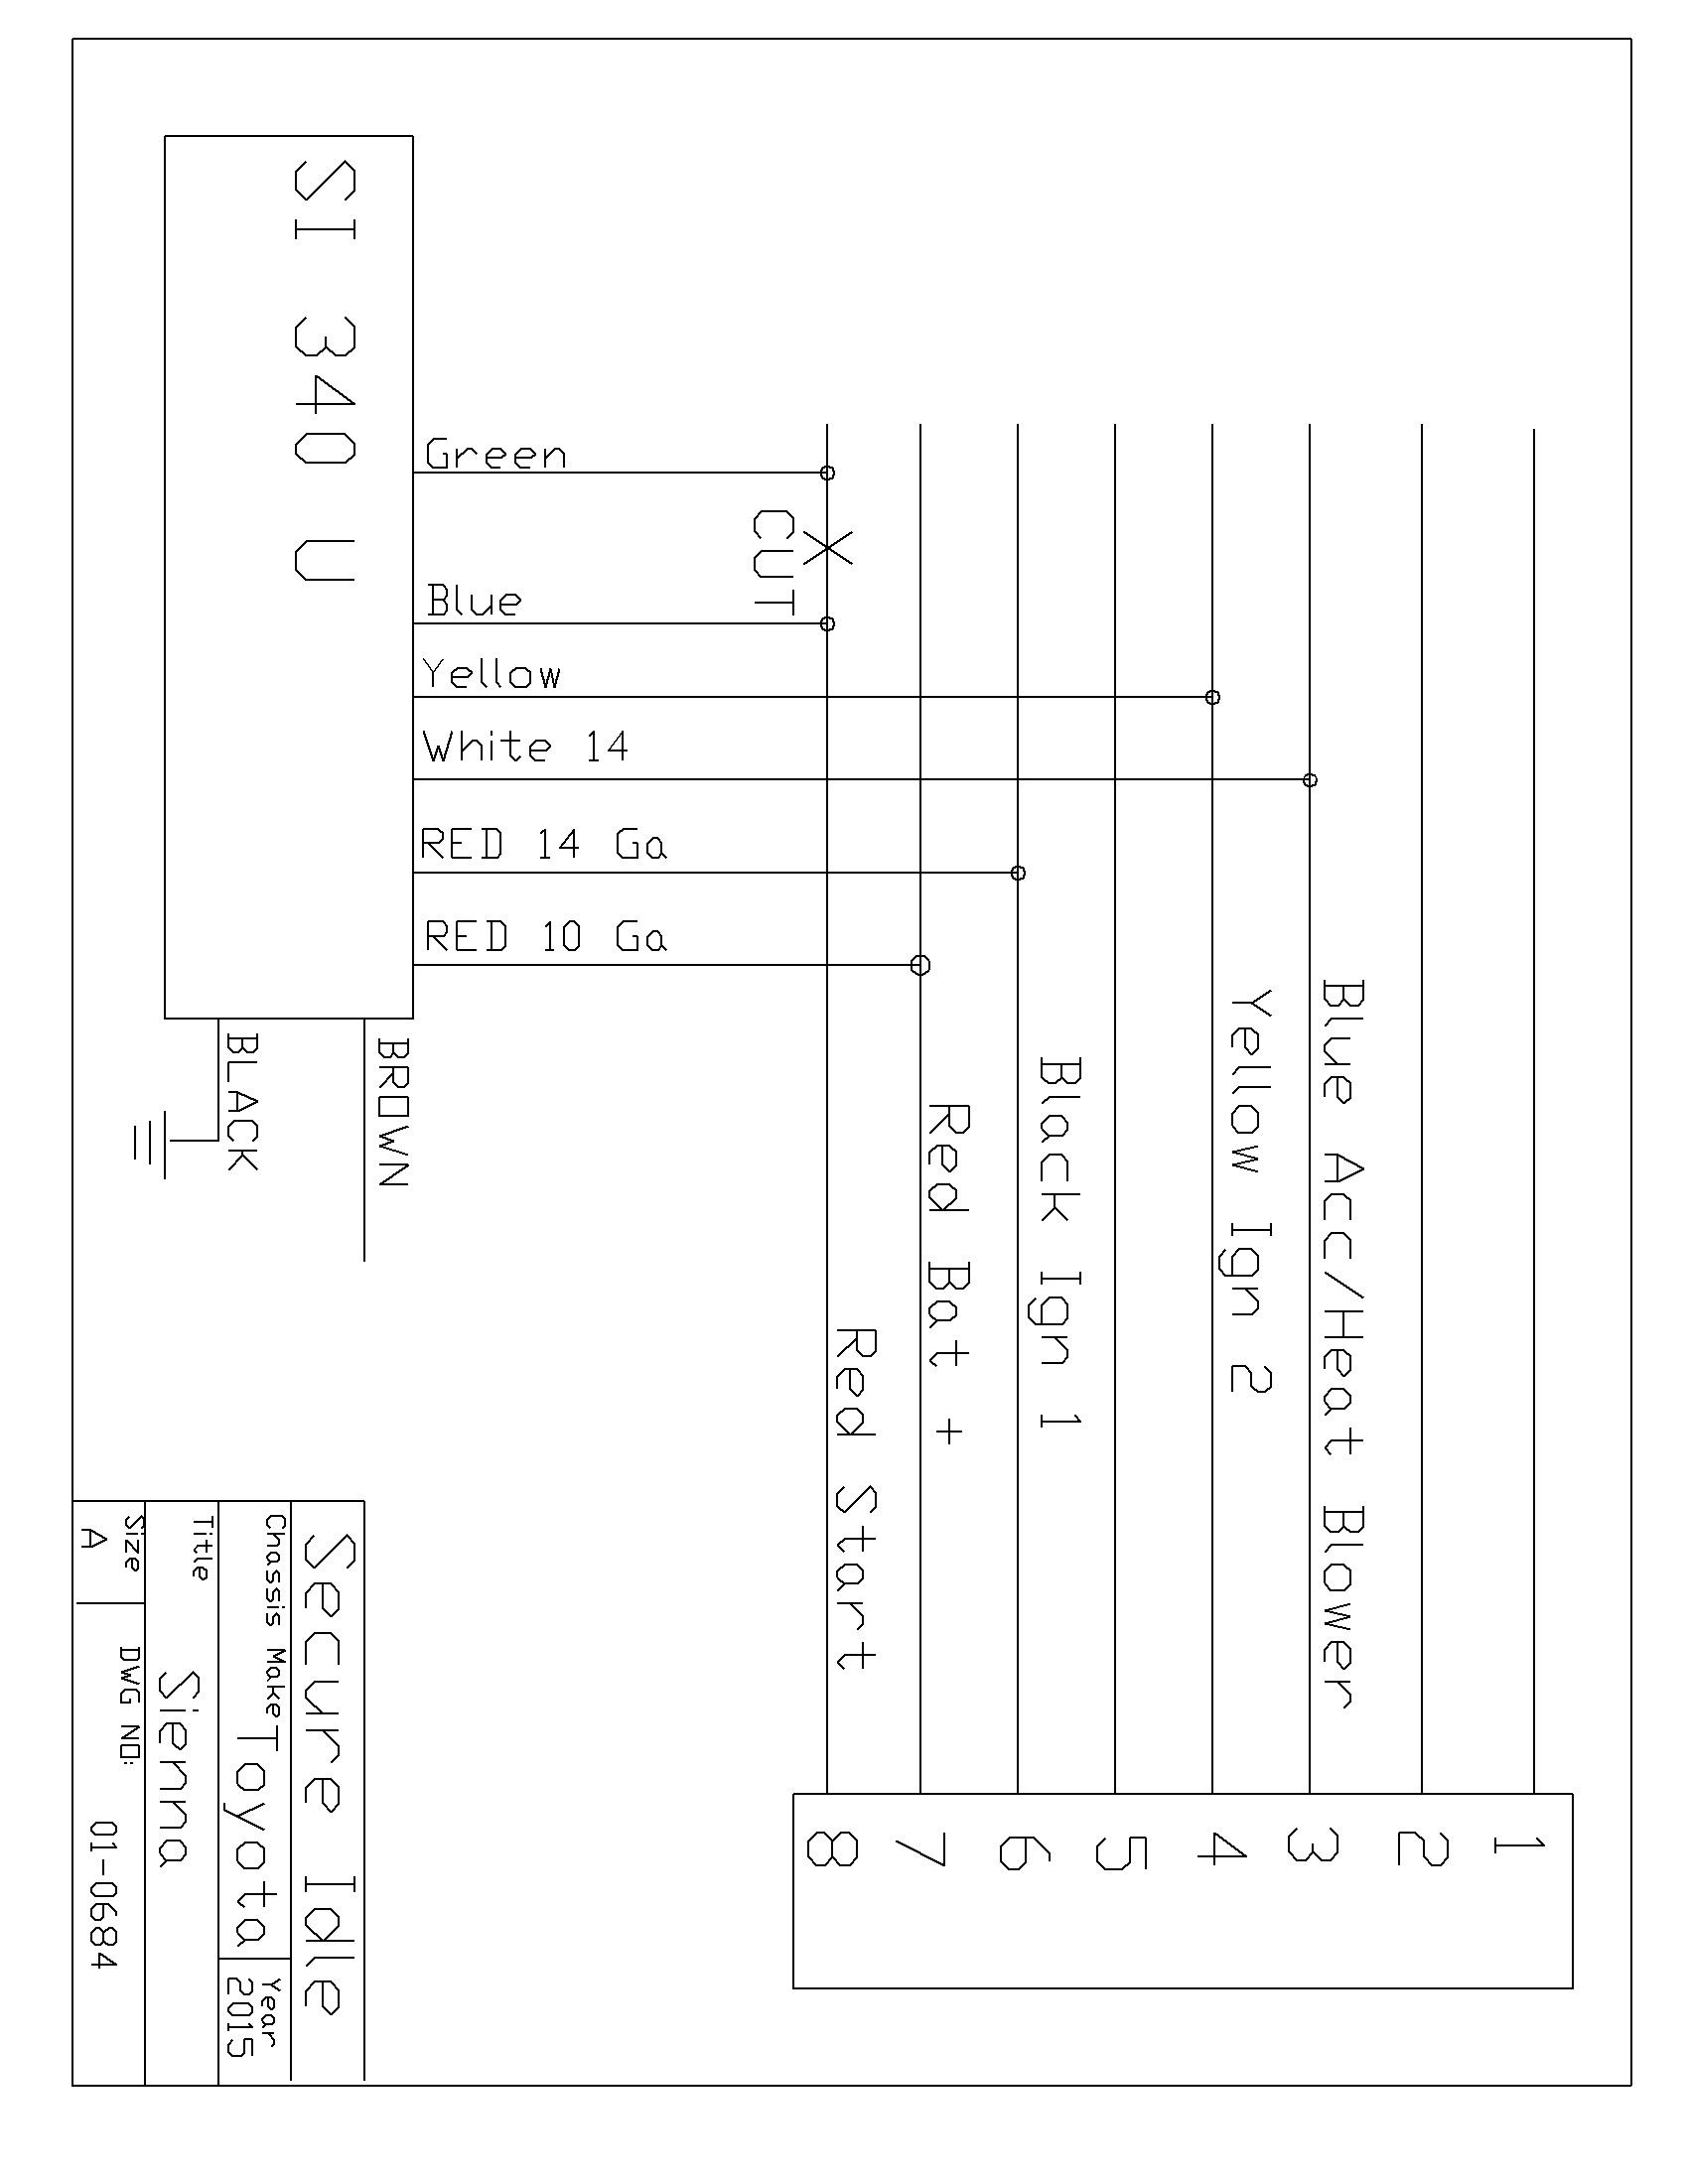 Install Secure Idle 2001 Chevy Tahoe Ke Turn Backup Wiring Diagram 2015